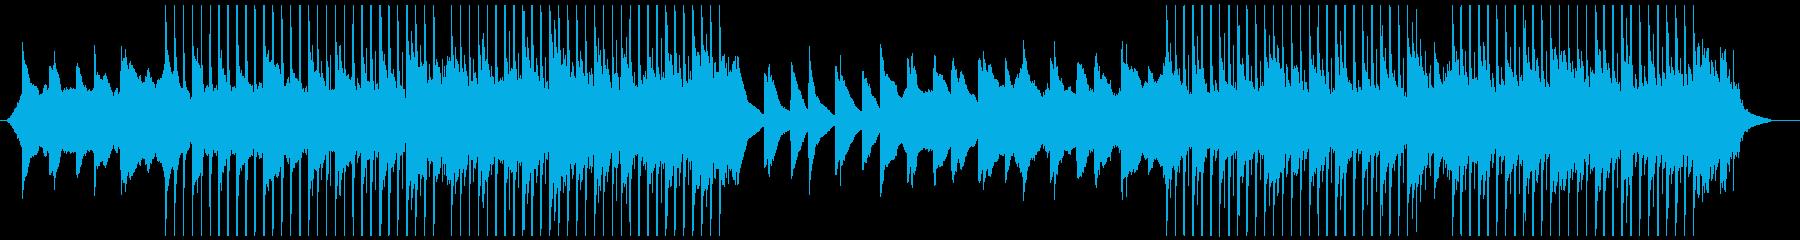 ポップ ロック コーポレート 励ま...の再生済みの波形